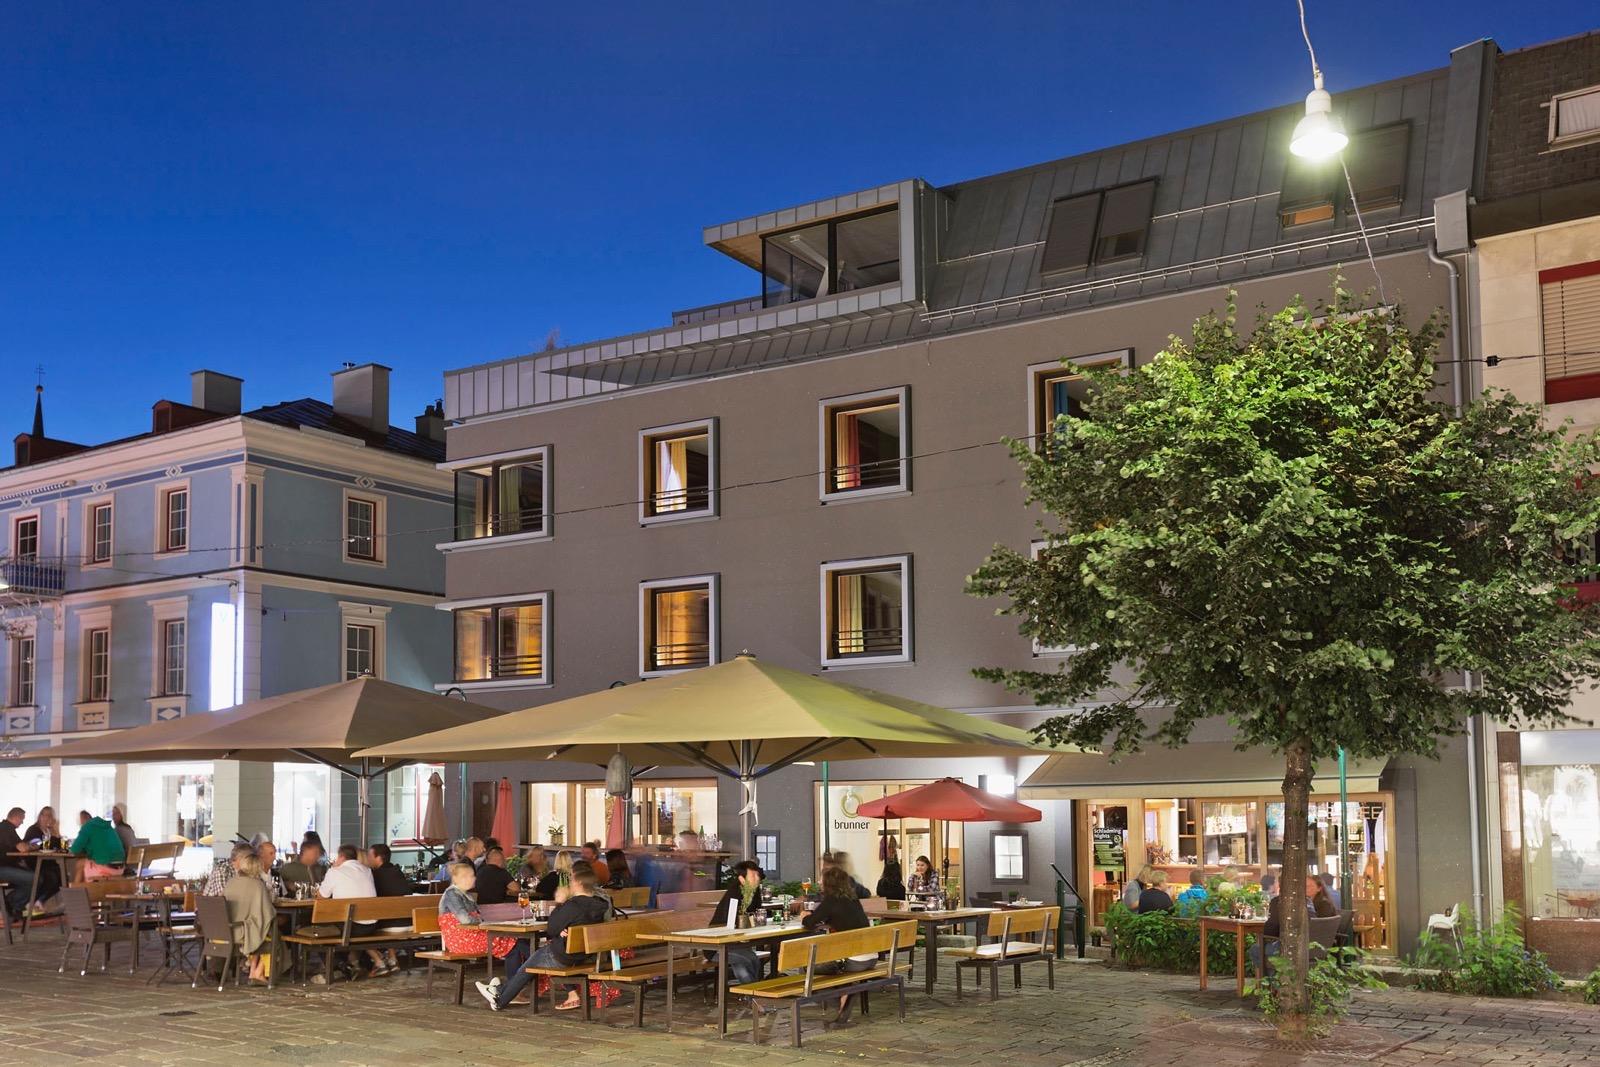 Gasthaus, brunner, Schladming, Hotel, Restaurant, Zentrum